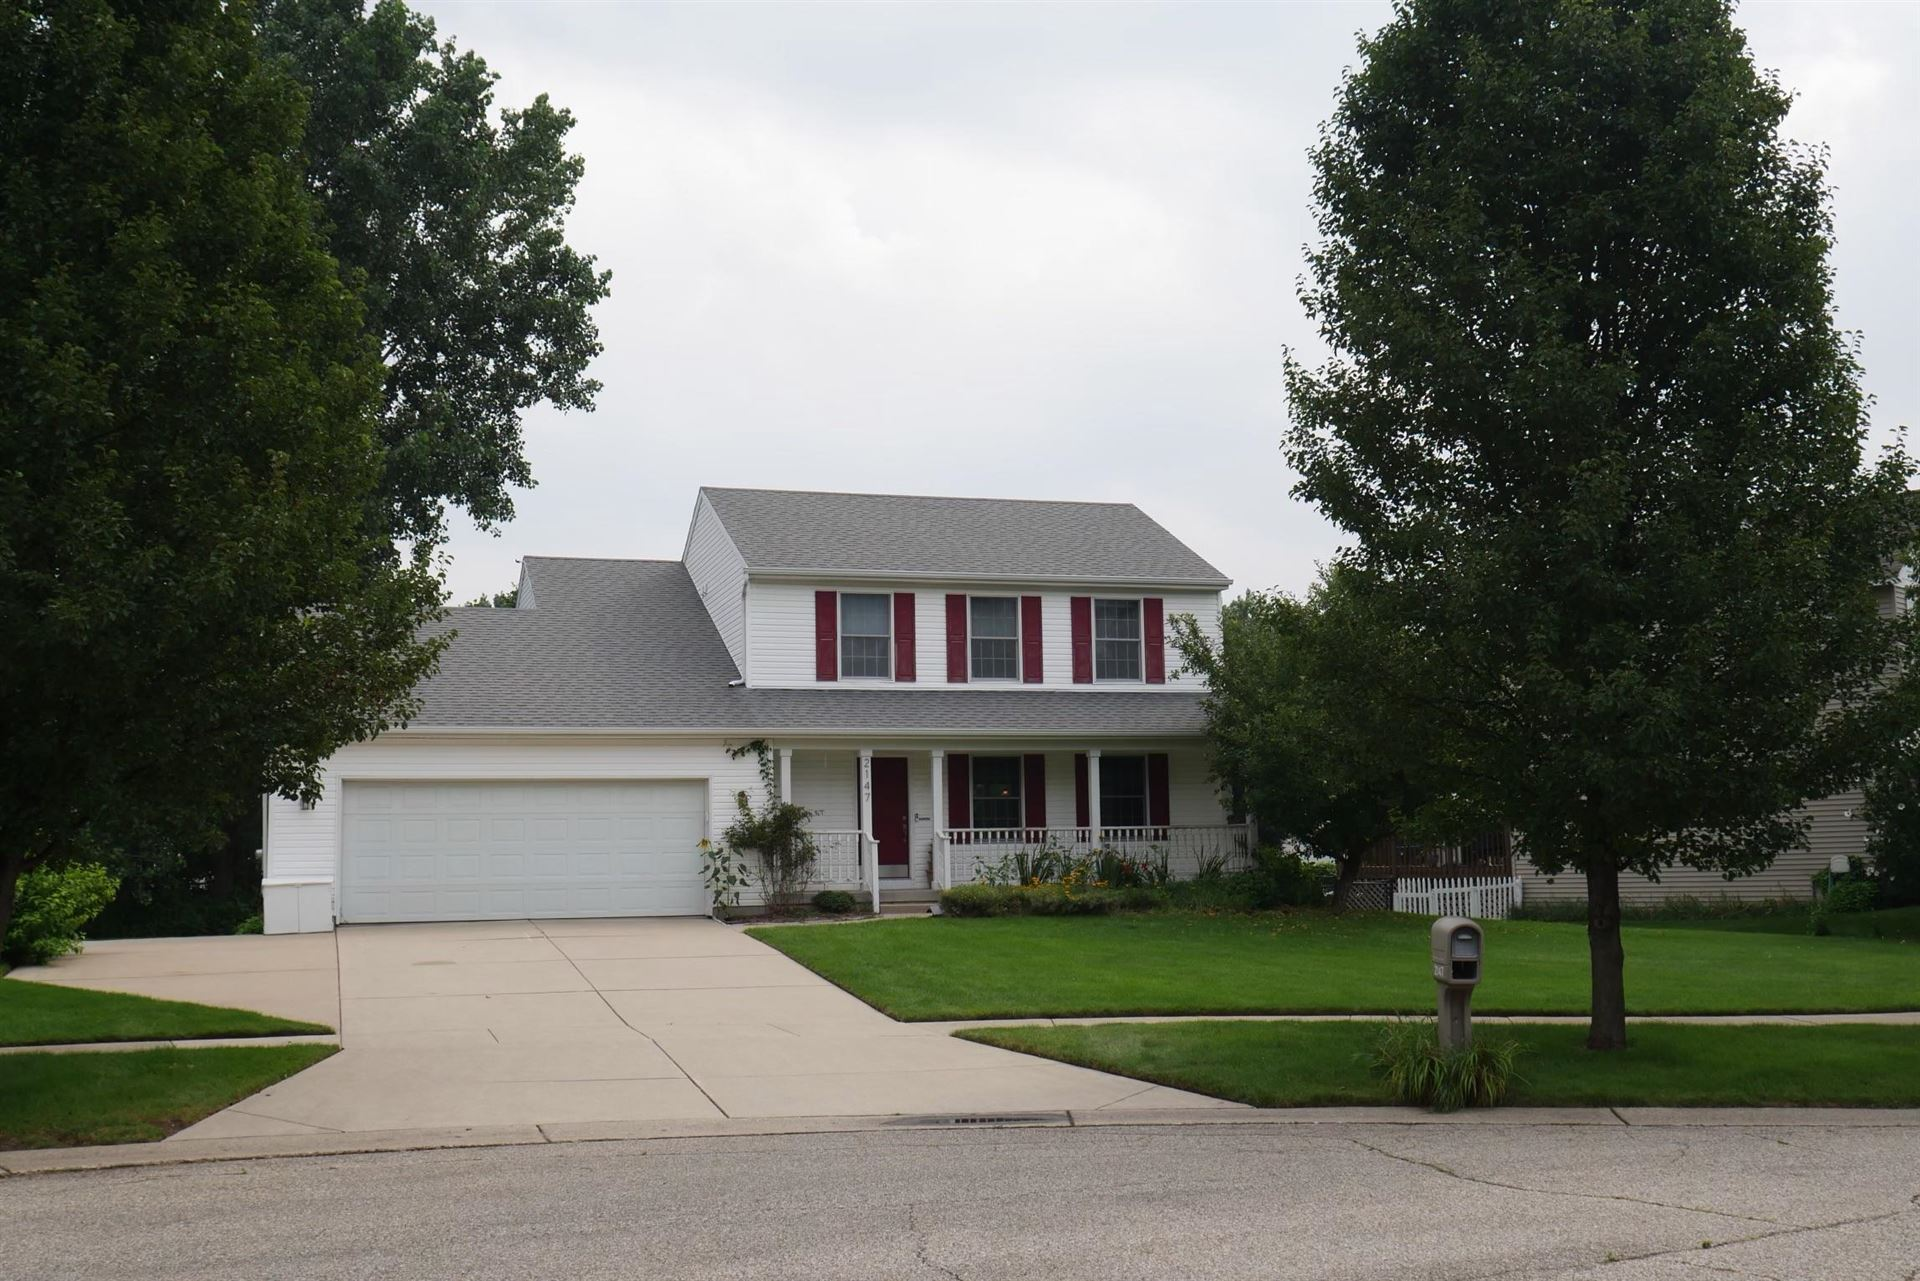 2147 Belmont Farms Circle, Belmont, MI 49306 - MLS#: 21095625